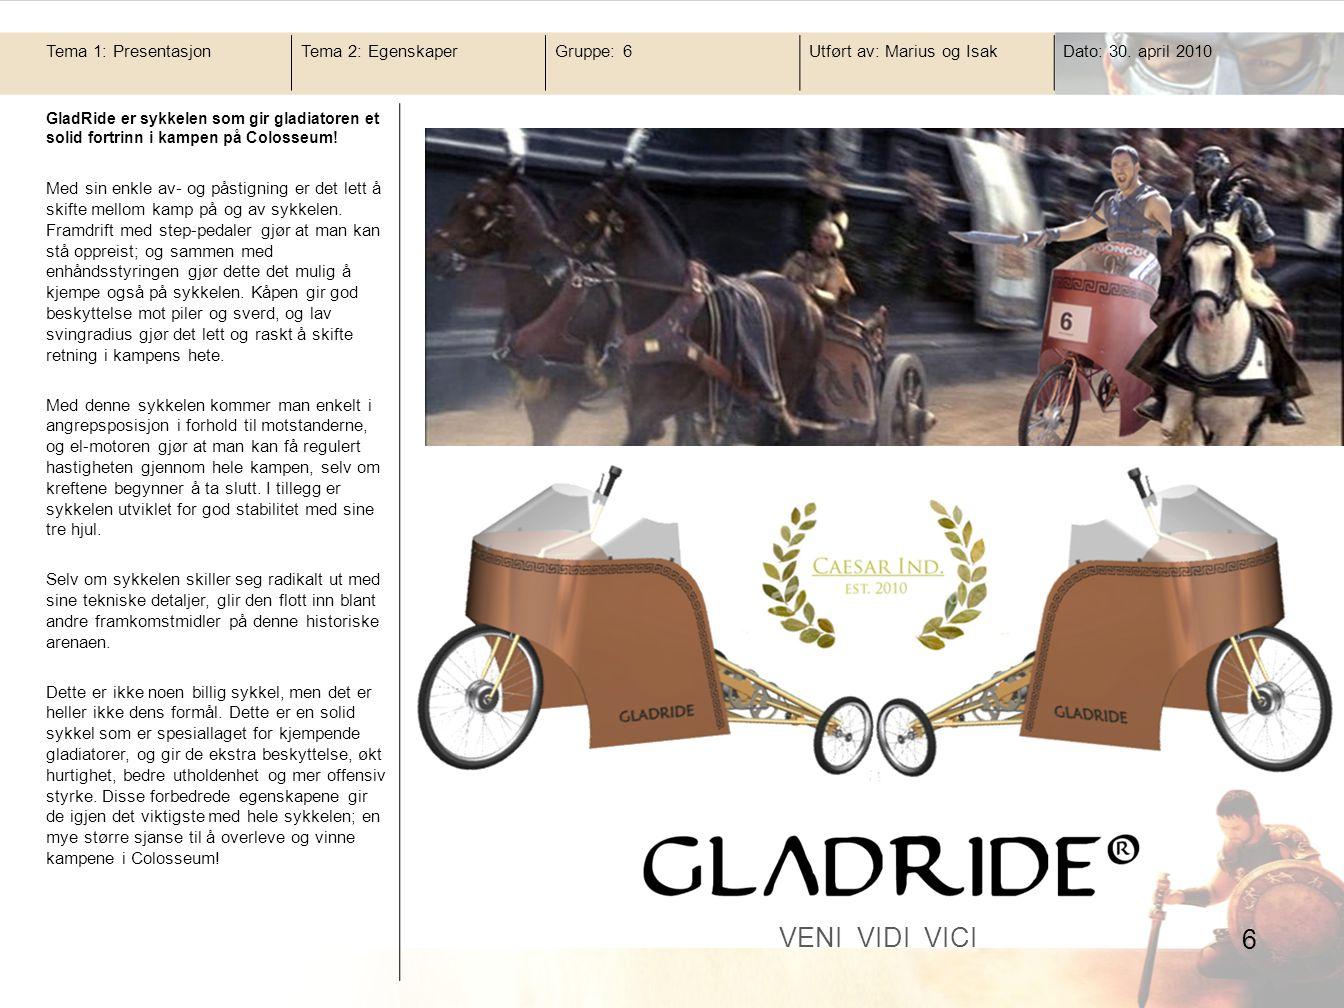 GladRide er sykkelen som gir gladiatoren et solid fortrinn i kampen på Colosseum.